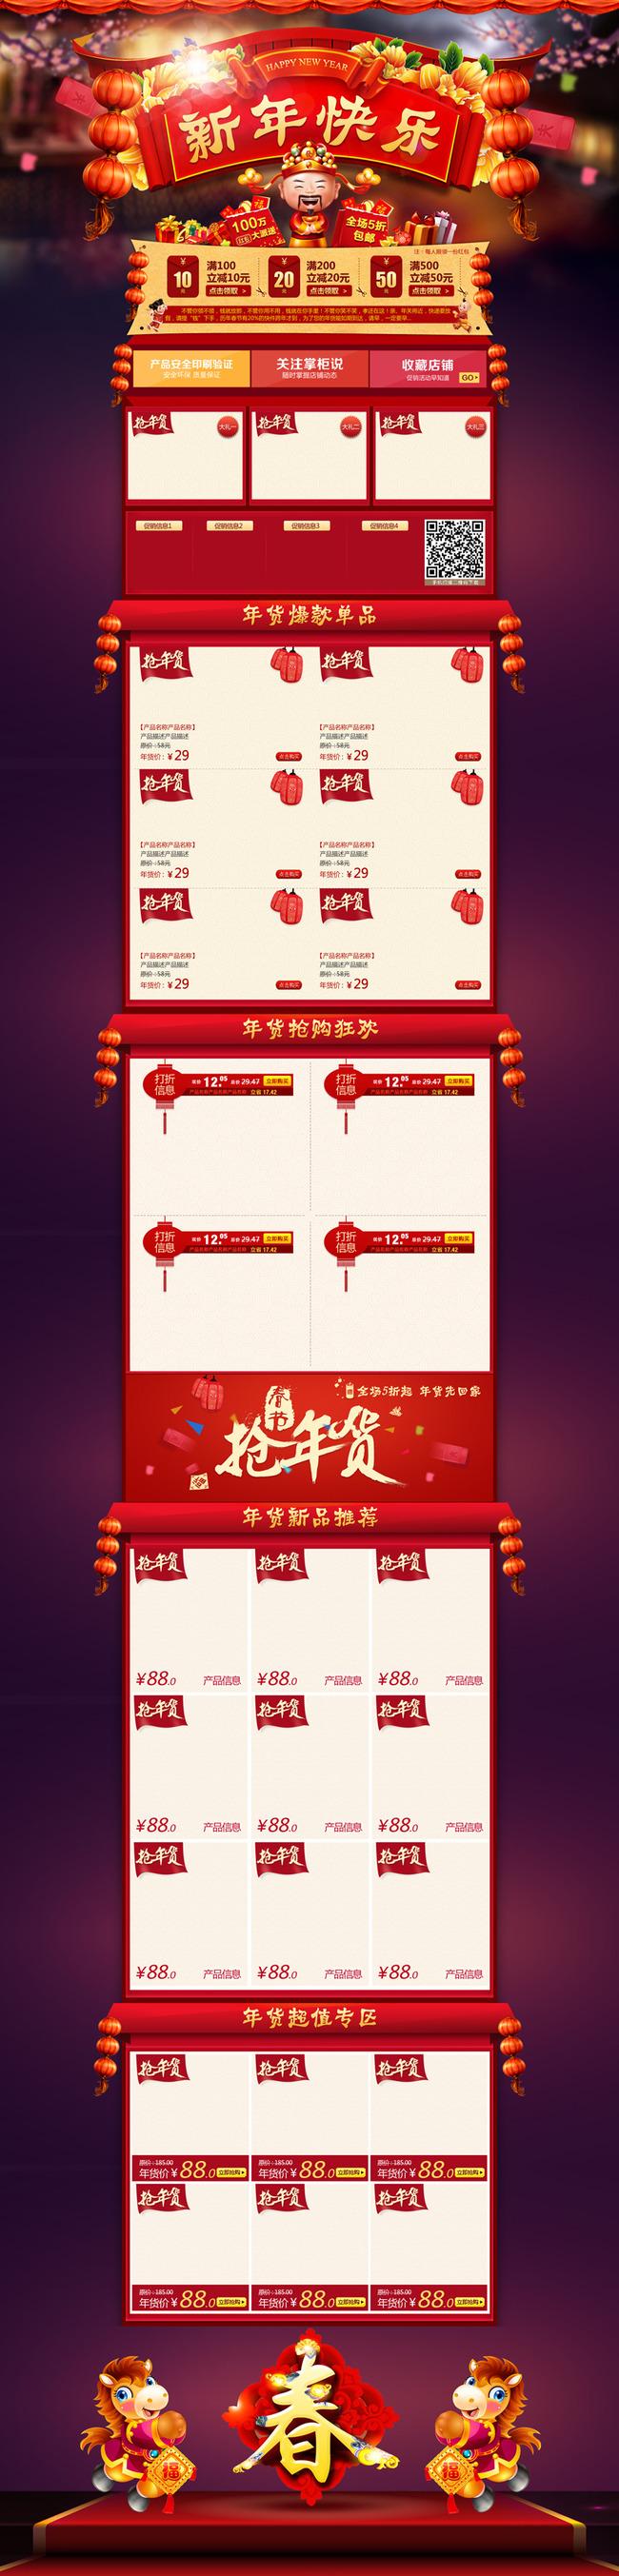 店铺首页装修模板图片下载 2014 新年元旦首页面装修设计 淘宝 天猫